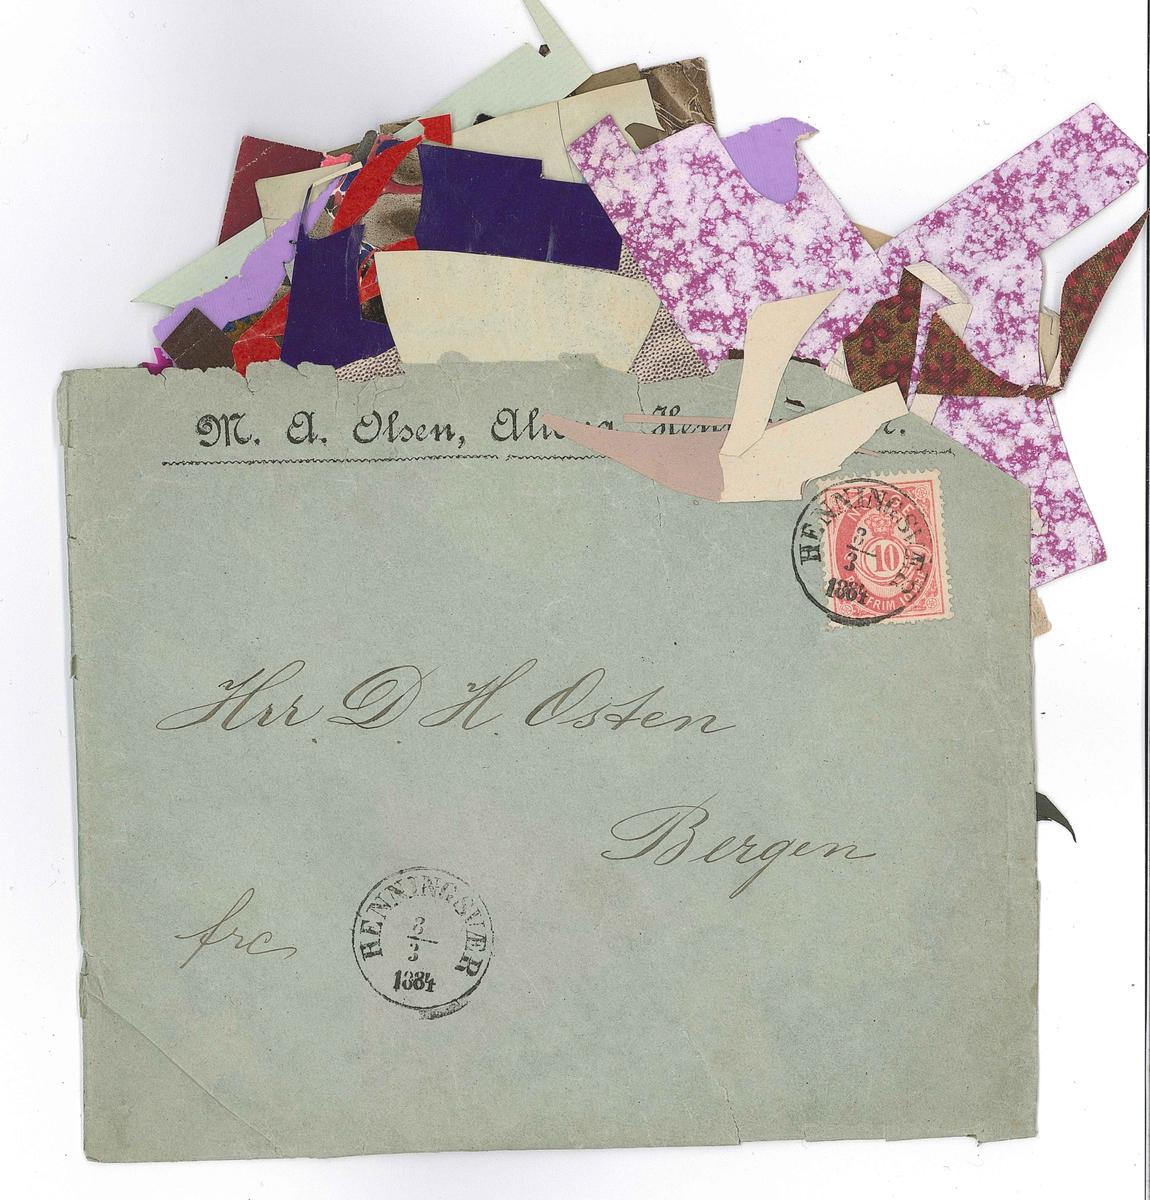 Ein brukt brevkonvolutt som inneheld mange små avklypp av papir og blonder. Papirbitane er i mange ulike fargar og mønster.